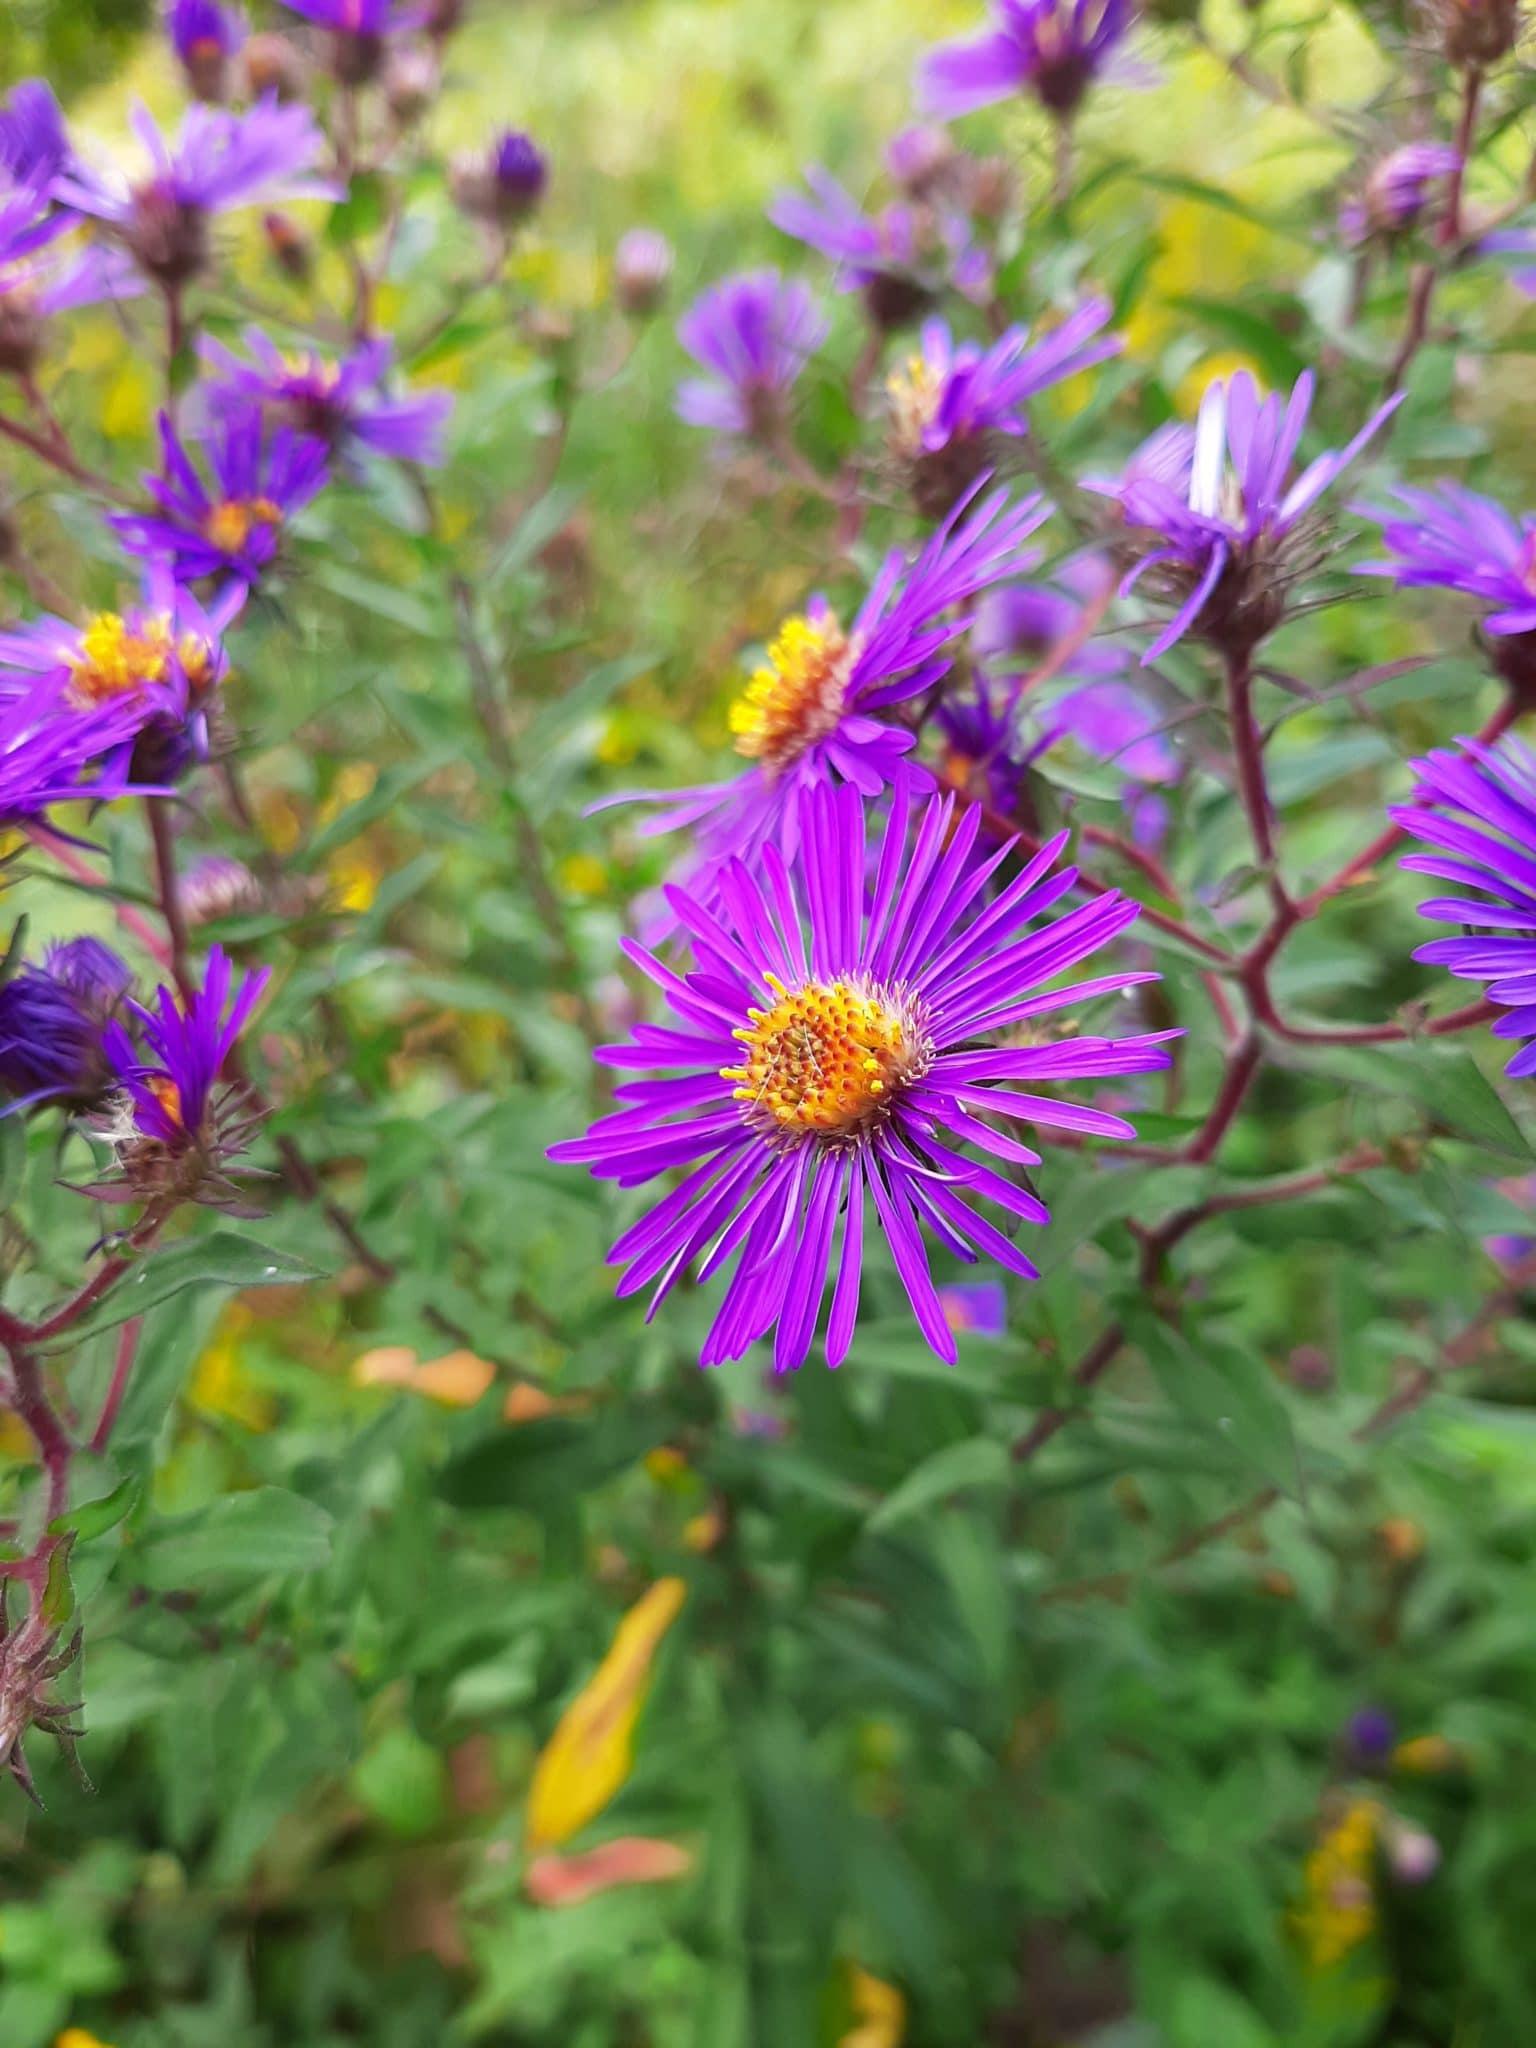 Purple flower in bloom